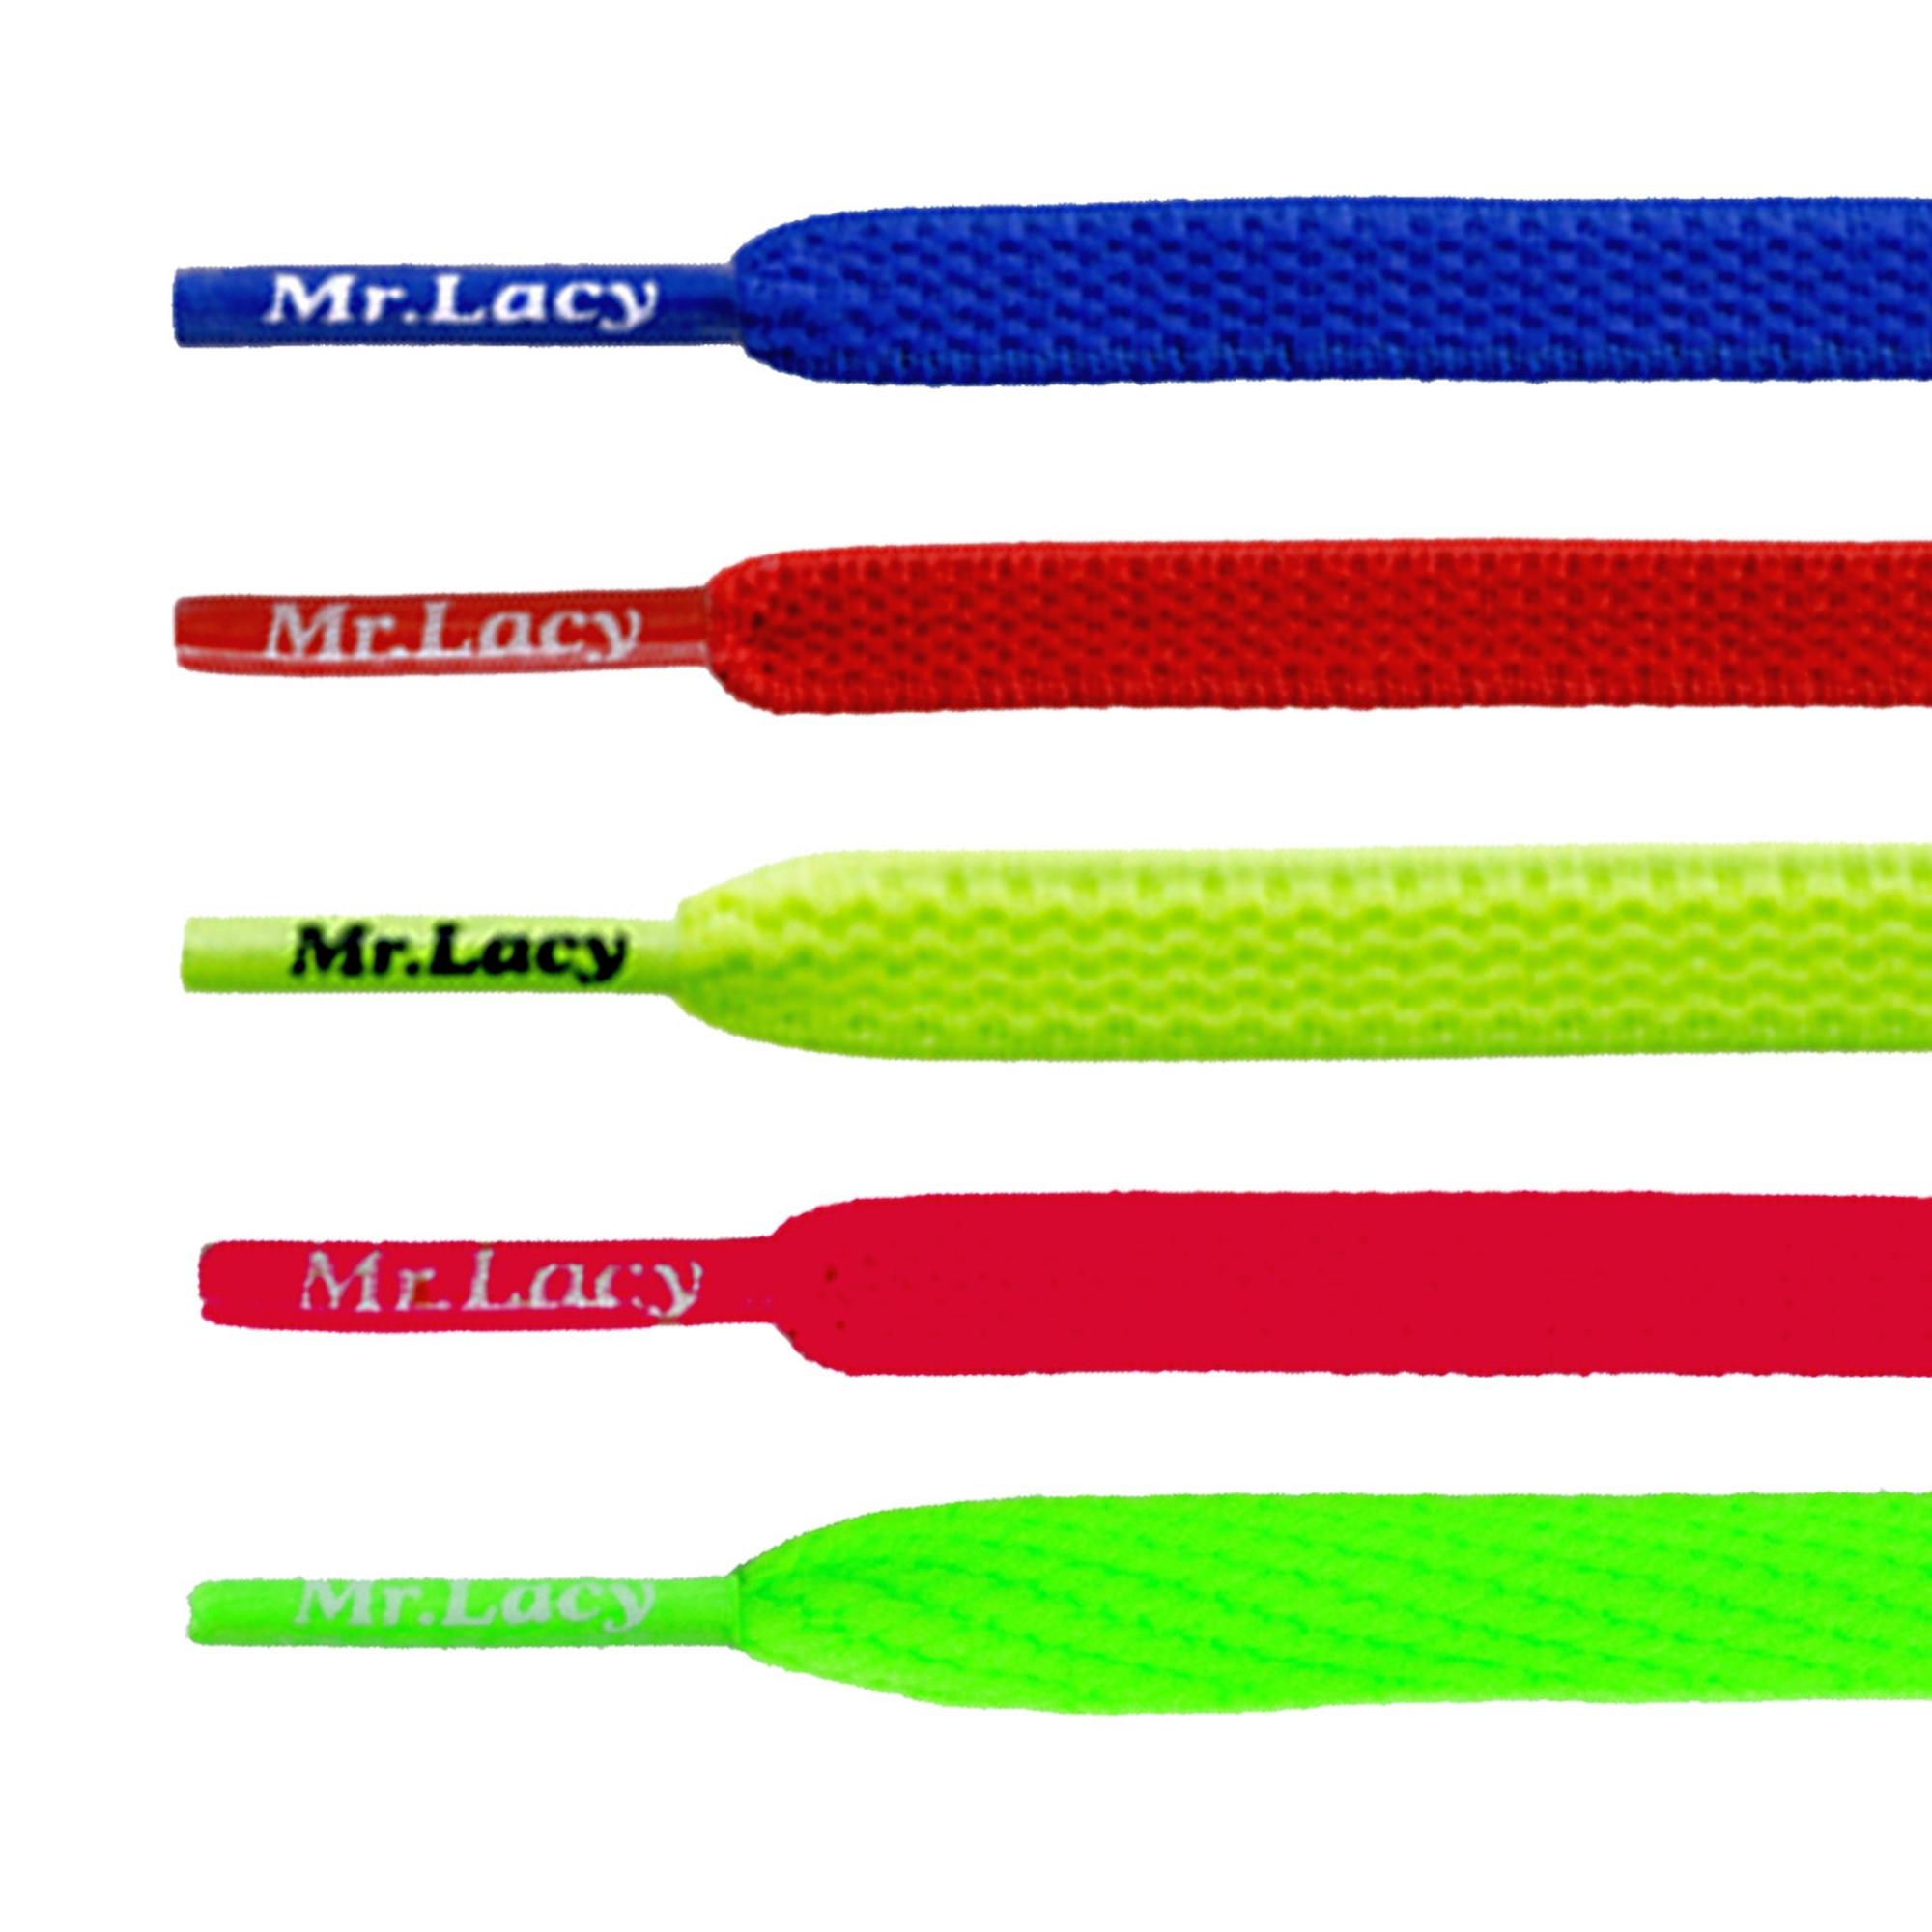 Mr. Lacy Flexies veter 110 cm